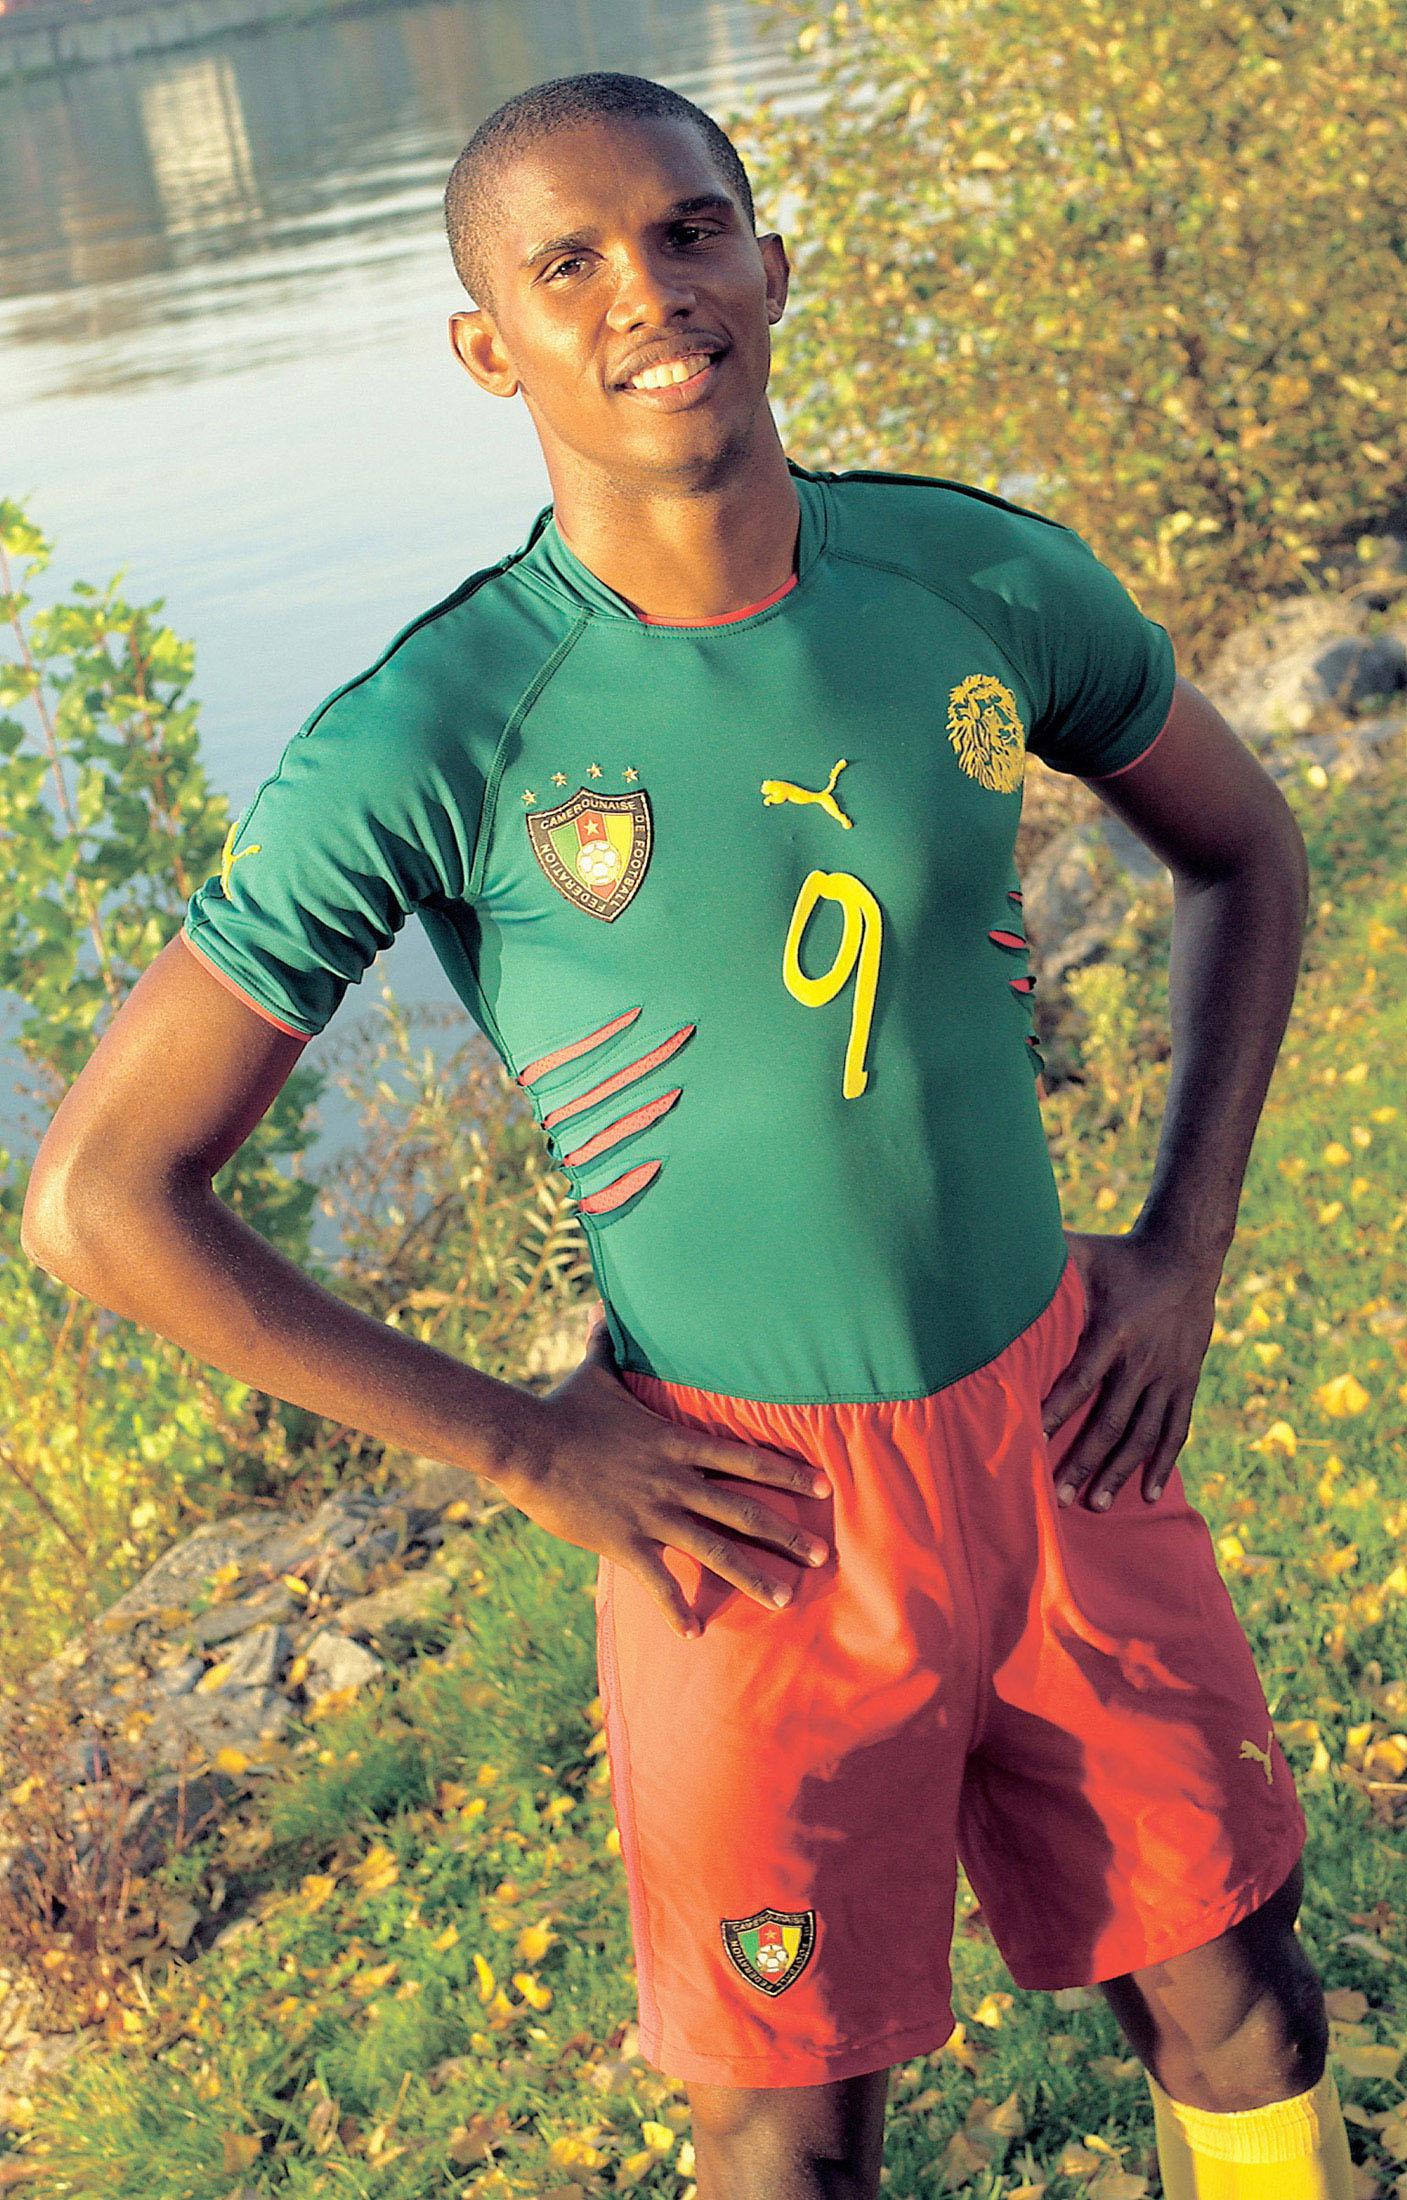 Premiere für das revolutionäre Fußballtrikot Kameruns bei den Afrikameisterschaften. Die Nationalmannschaft Kameruns wird bei ihrem ersten Gruppenspiel der Afrikameisterschaften 2004 gegen Algerien am 25. Januar in Sousse (Tunesien) in einem neuen, revolutionären Einteiler von PUMA mit dem Namen UniQT [yuni:kit] auflaufen.